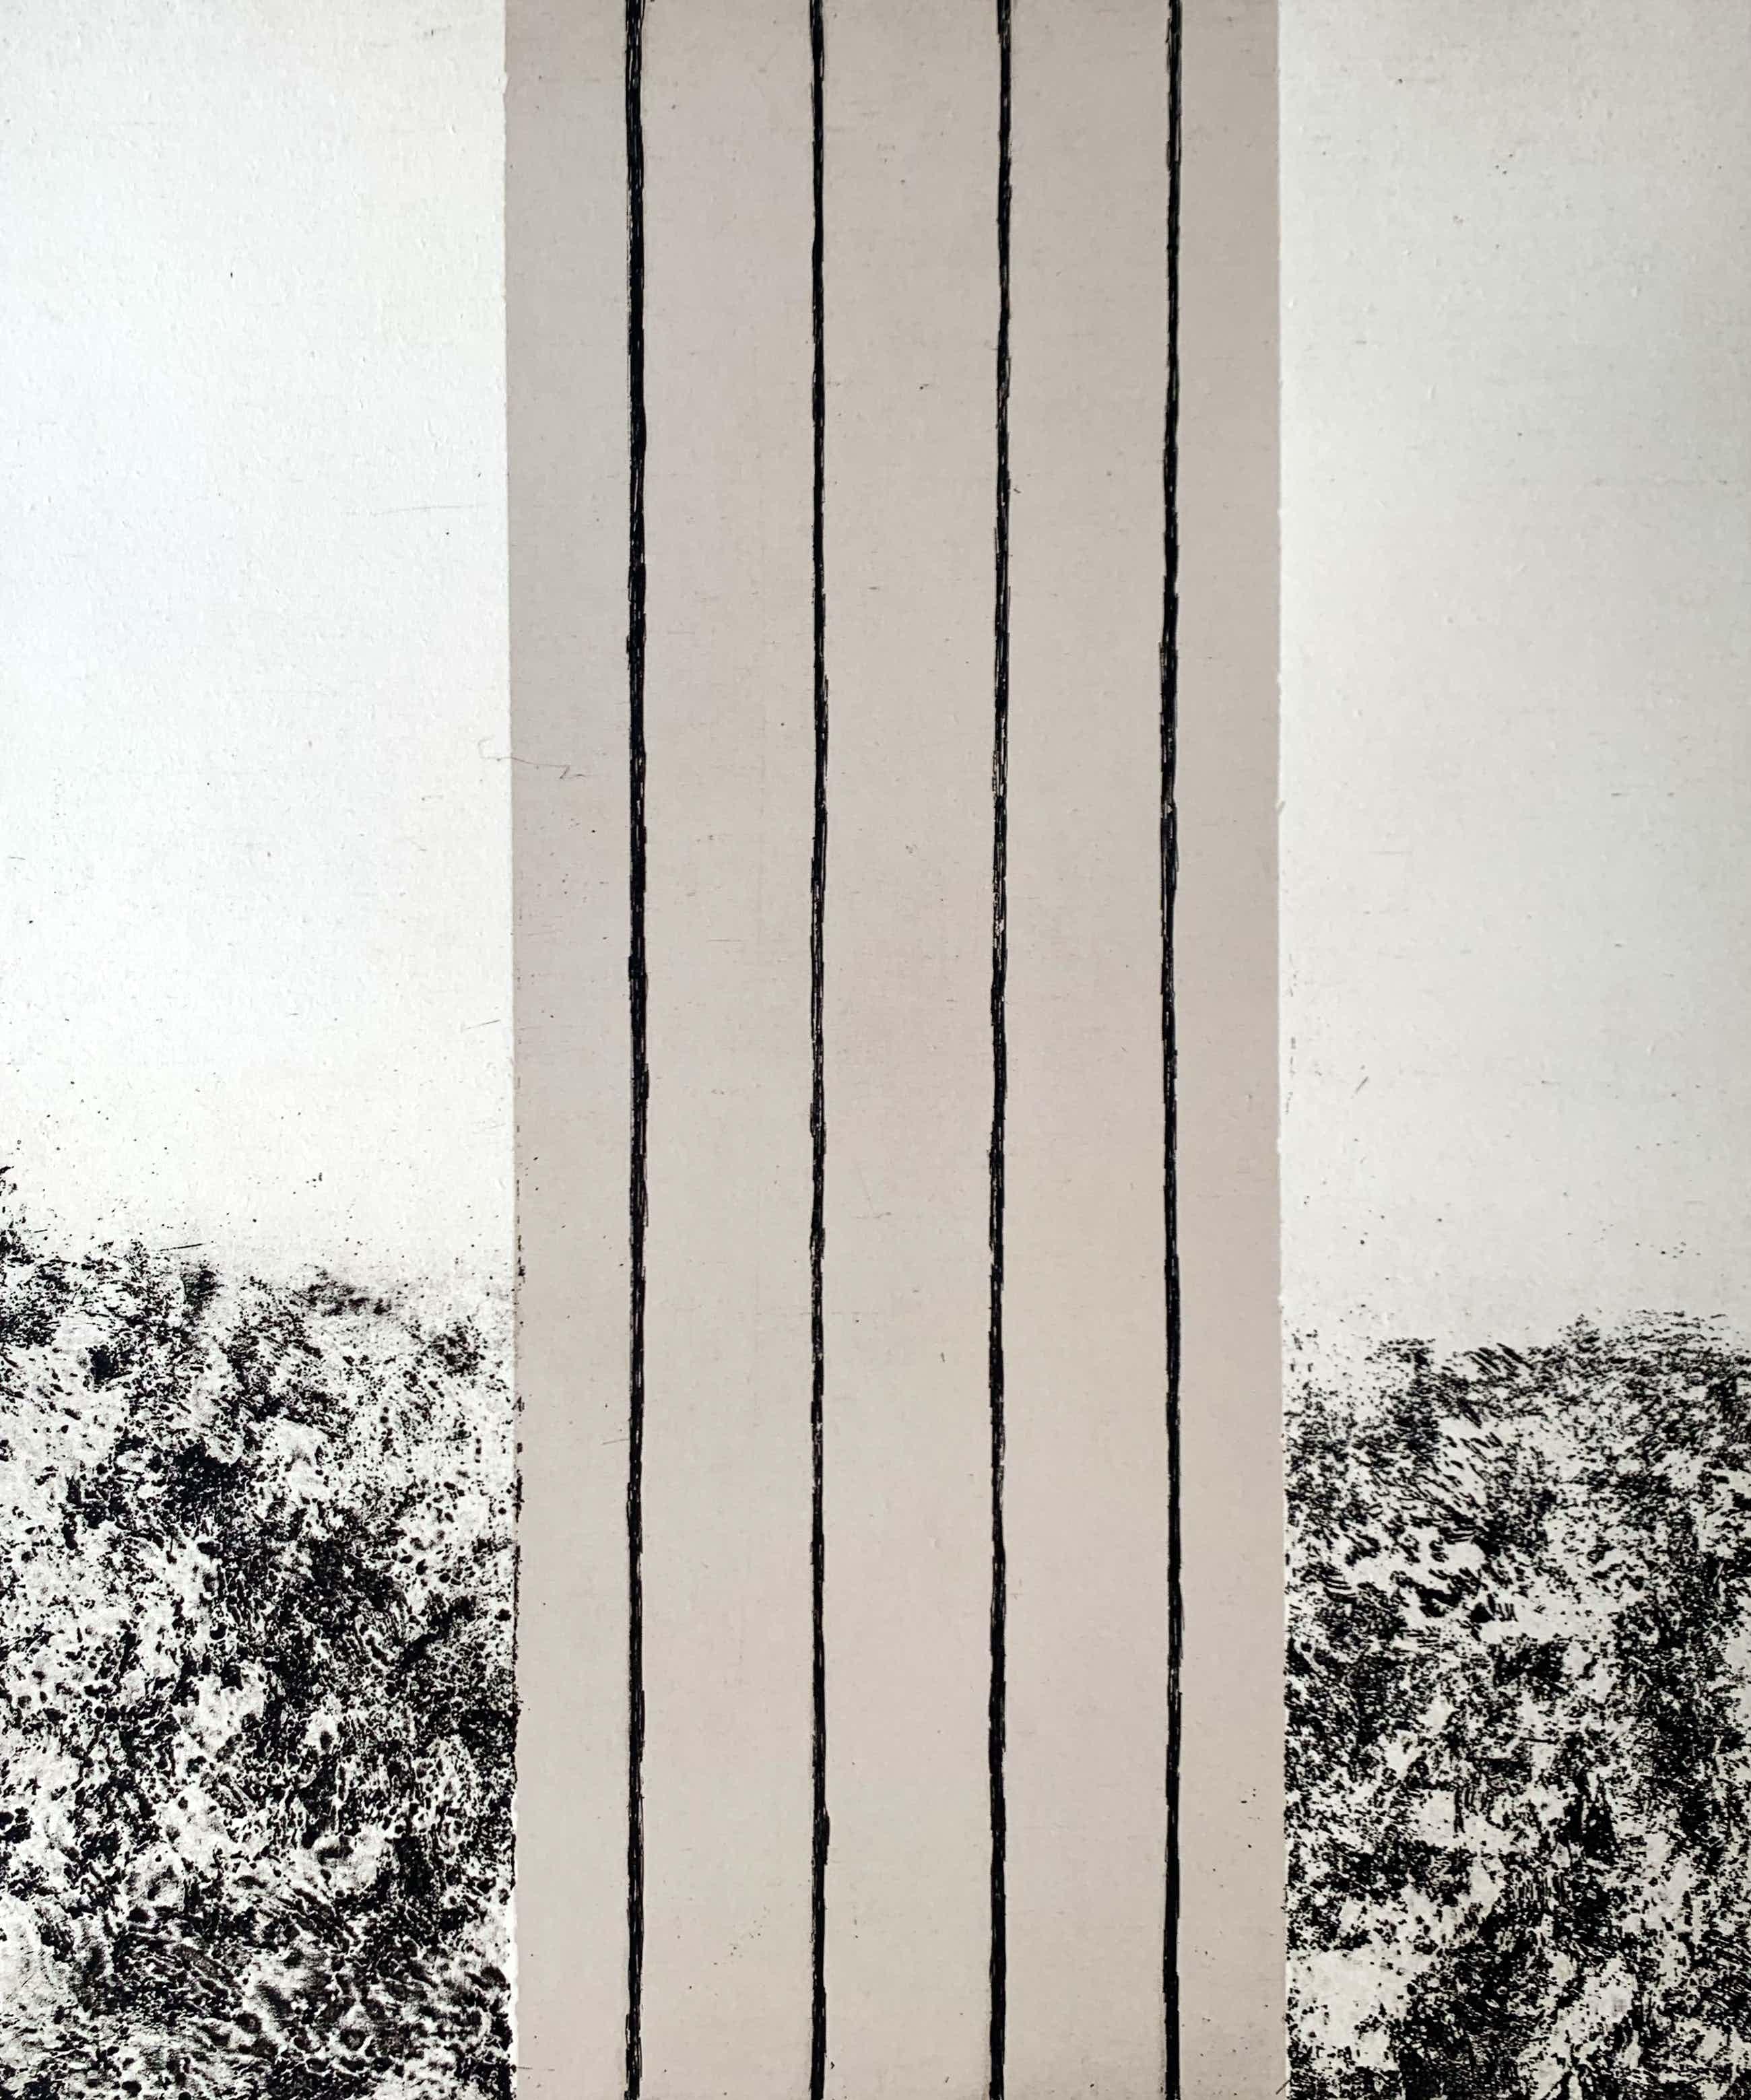 Sigurdur Gudmundsson - ets - 'Landschaft' - 1989 kopen? Bied vanaf 135!